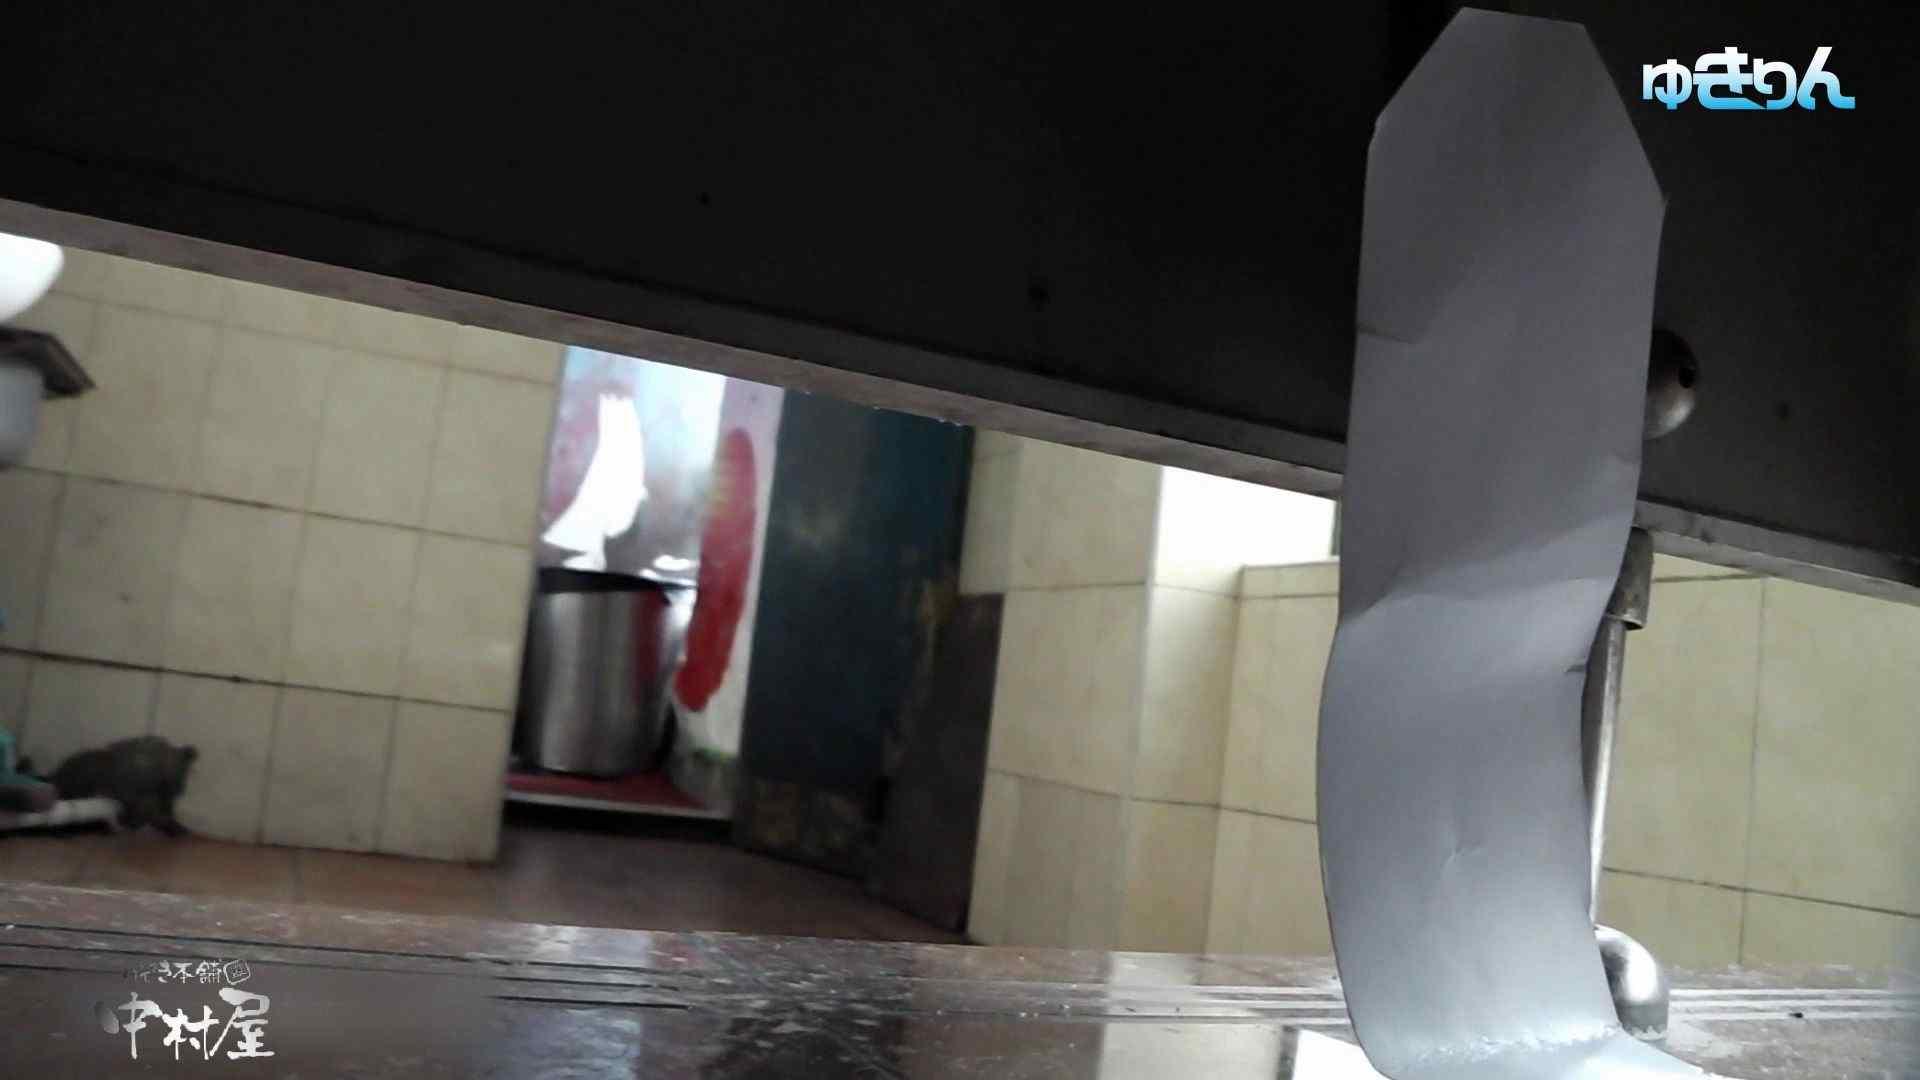 世界の射窓から~ステーション編 vol59 ユキリン奮闘!!新しいカメラに変更しました。中編 盗撮シリーズ   おまんこ見放題  95PIX 23